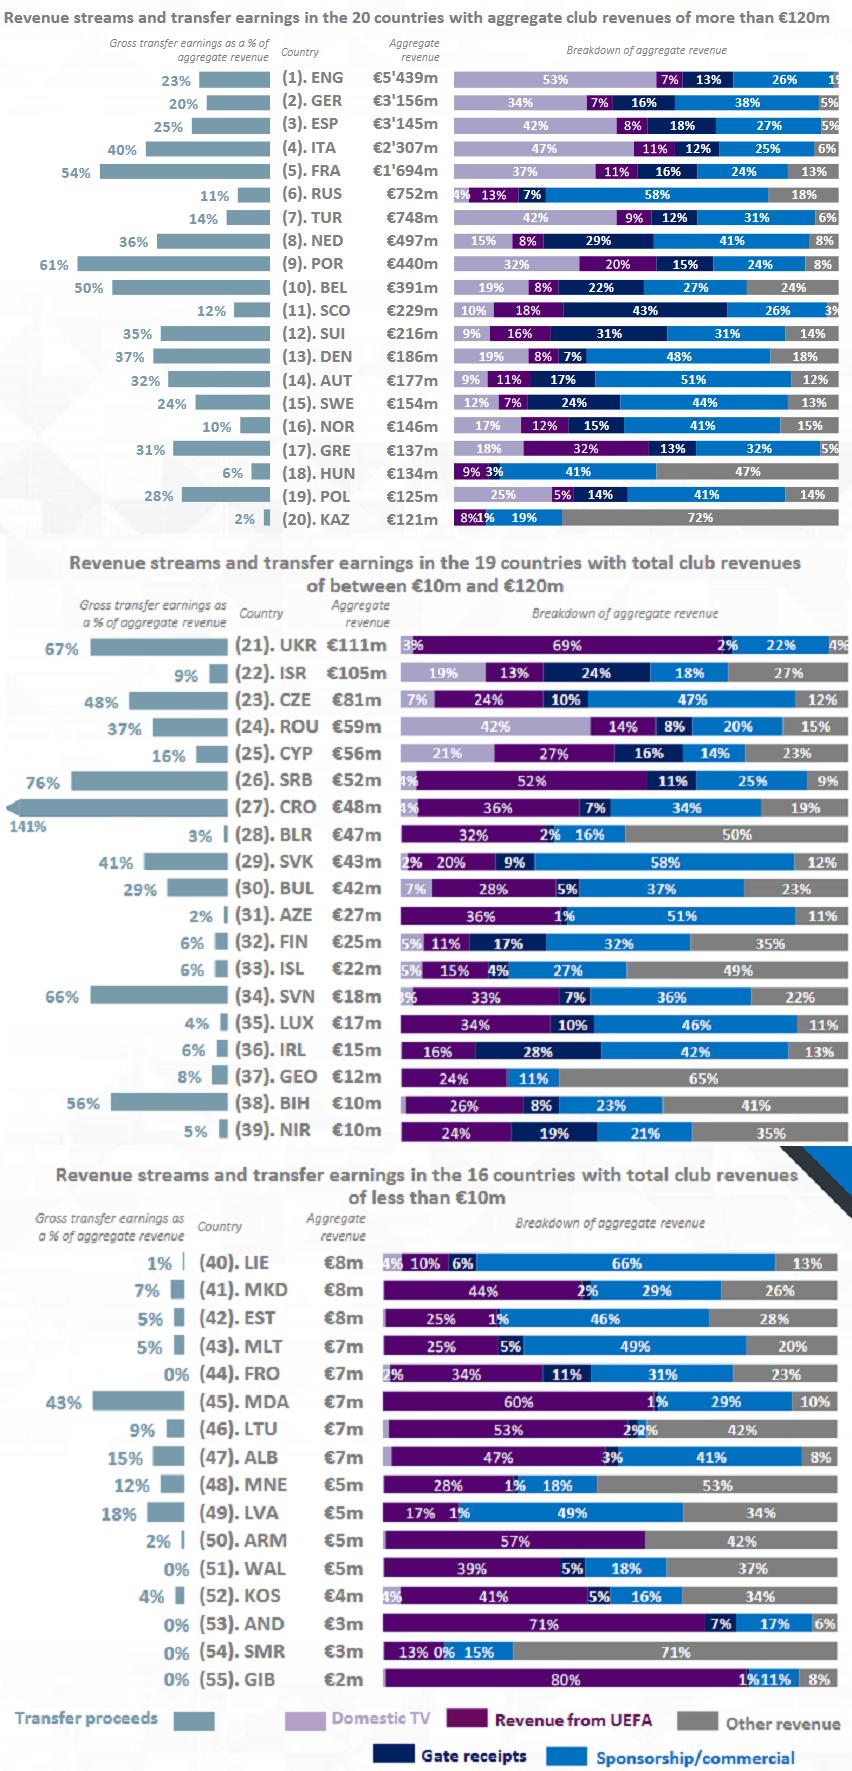 У 2018 році виручка клубів УПЛ склала 111 млн євро. Це більше ніж у Ізраїля, але менше, ніж у Казахстана - изображение 1